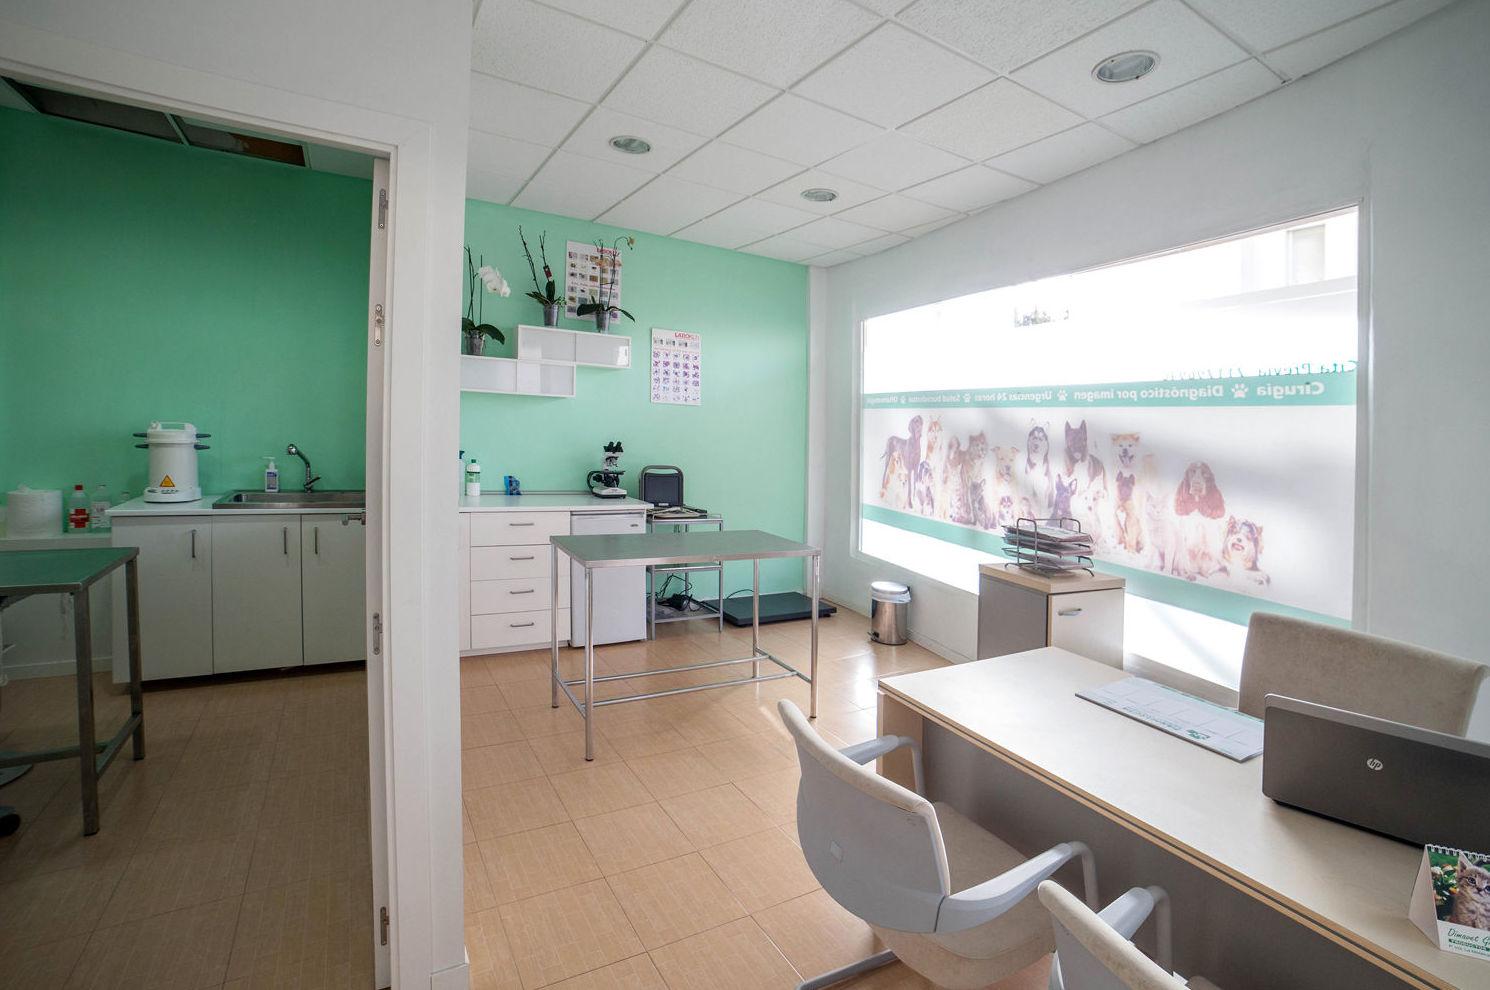 Veterinario de urgencias en El Ejido